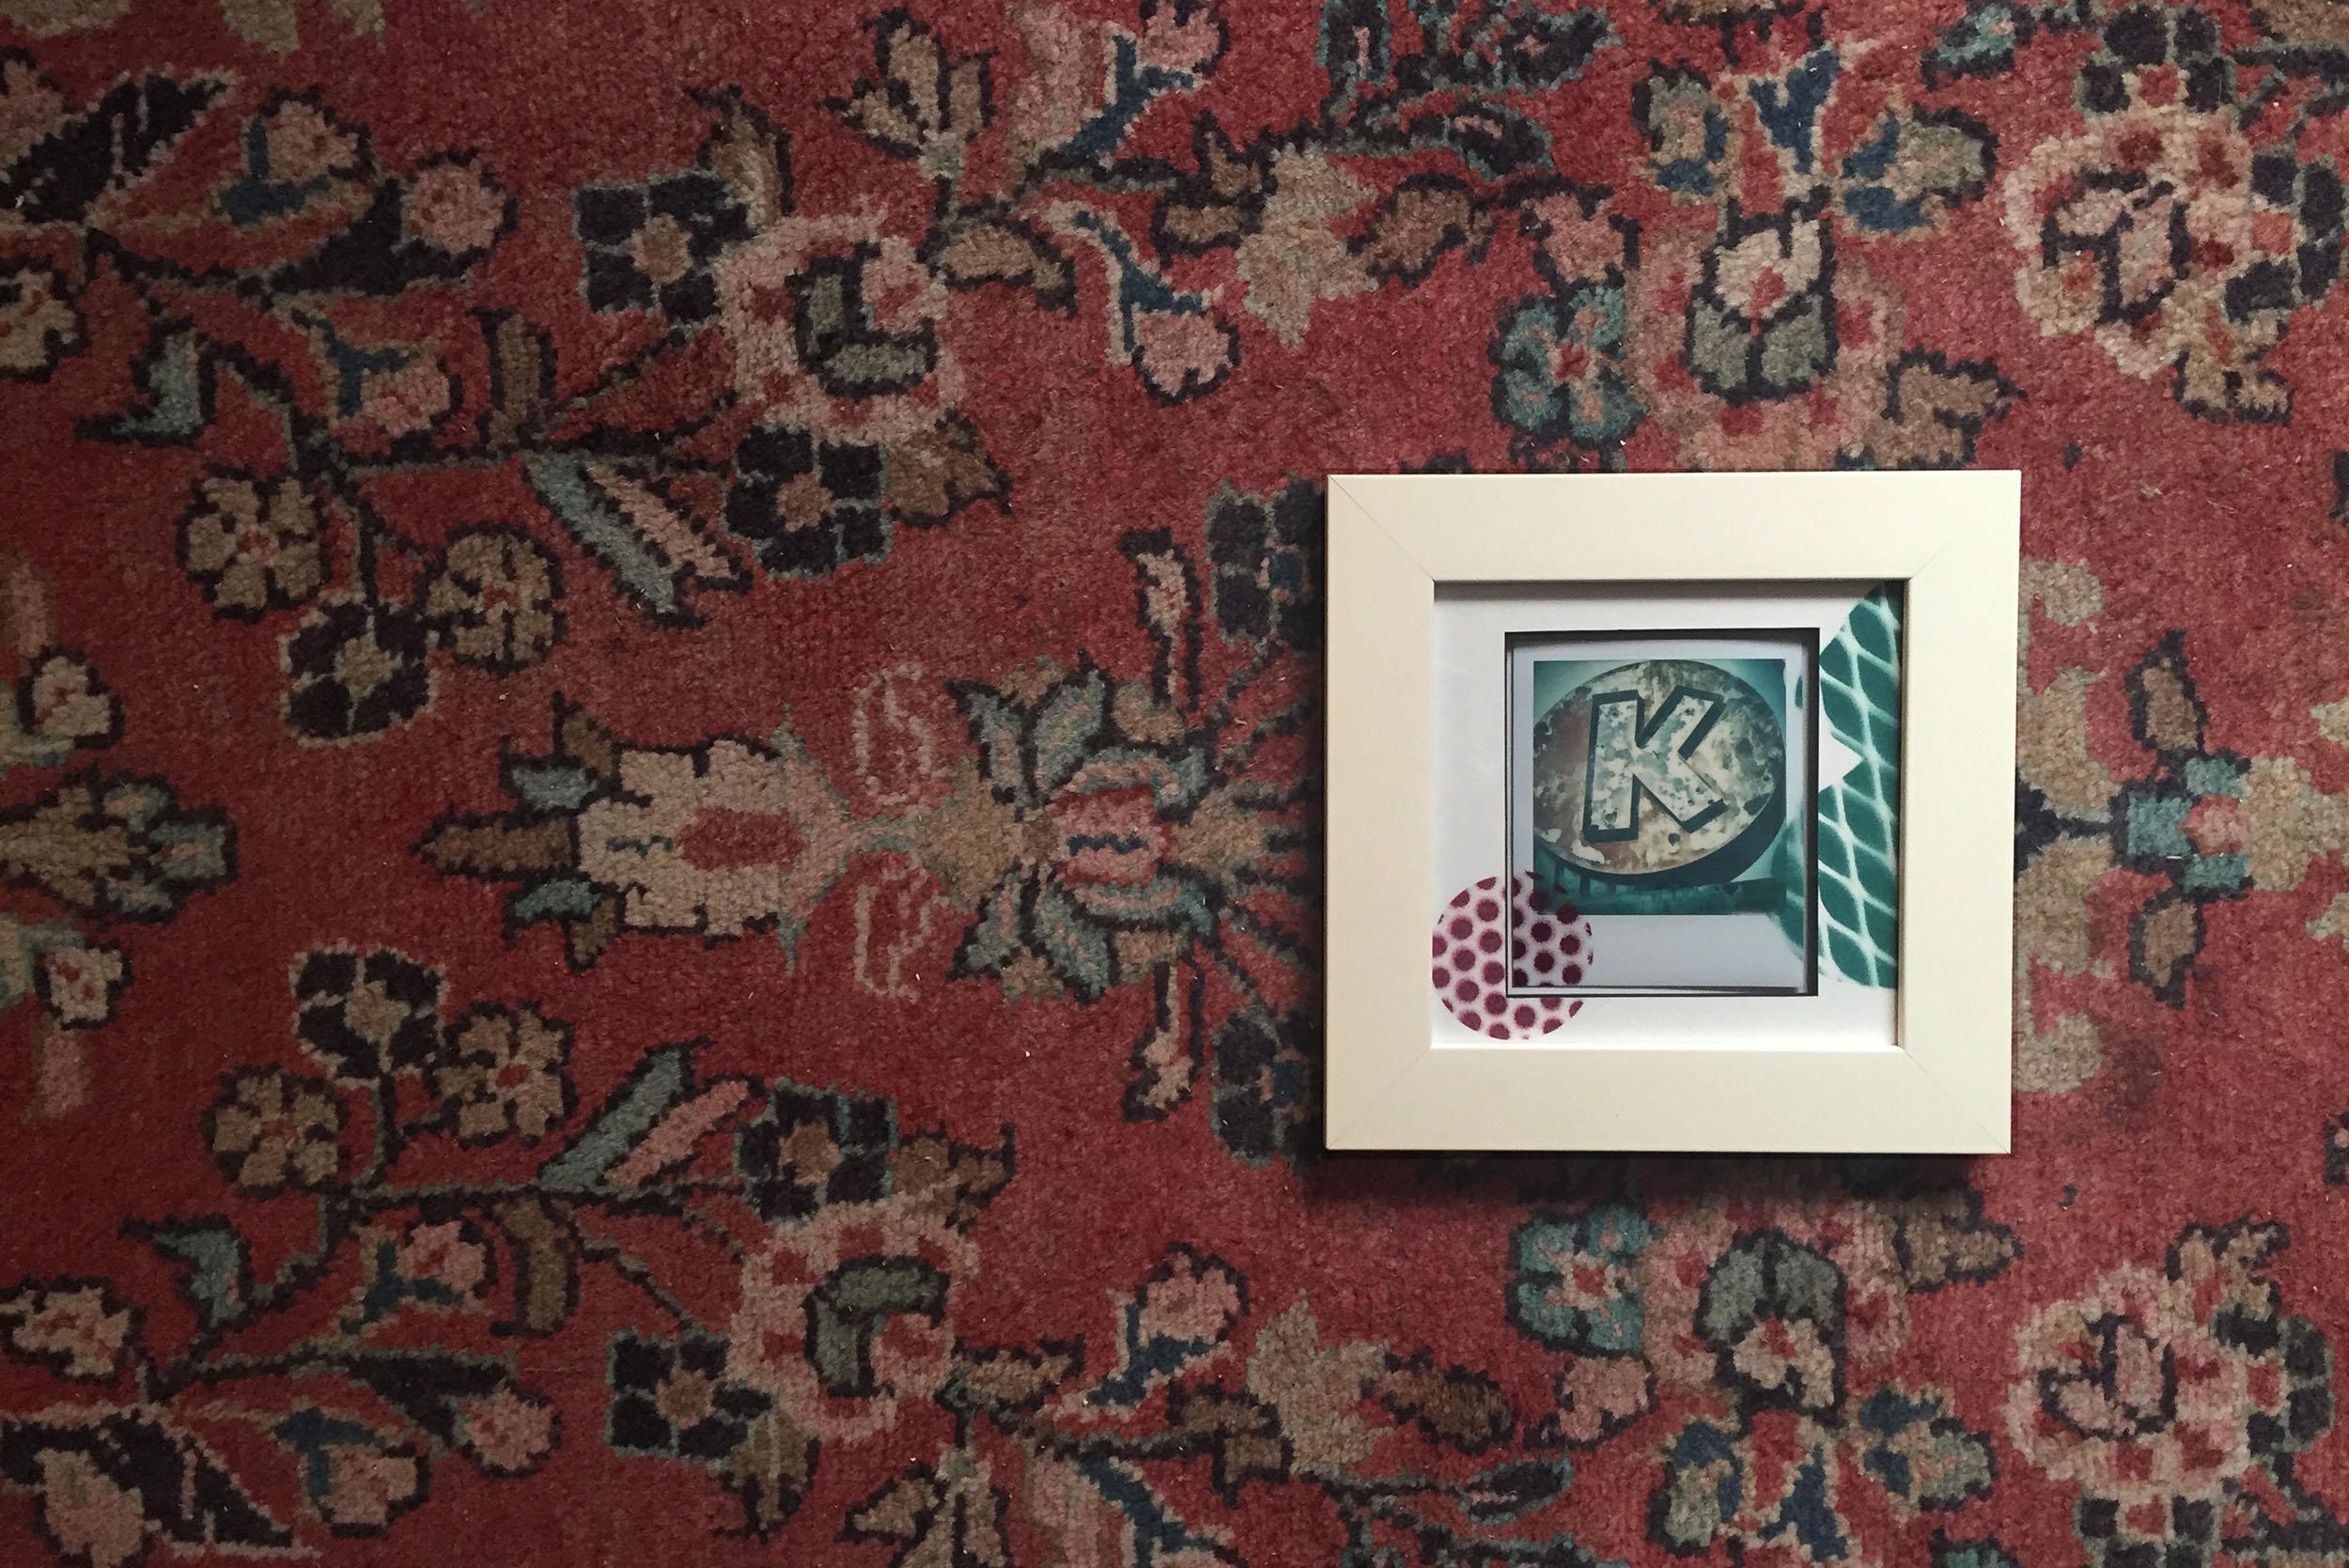 Polaroid artwork framed